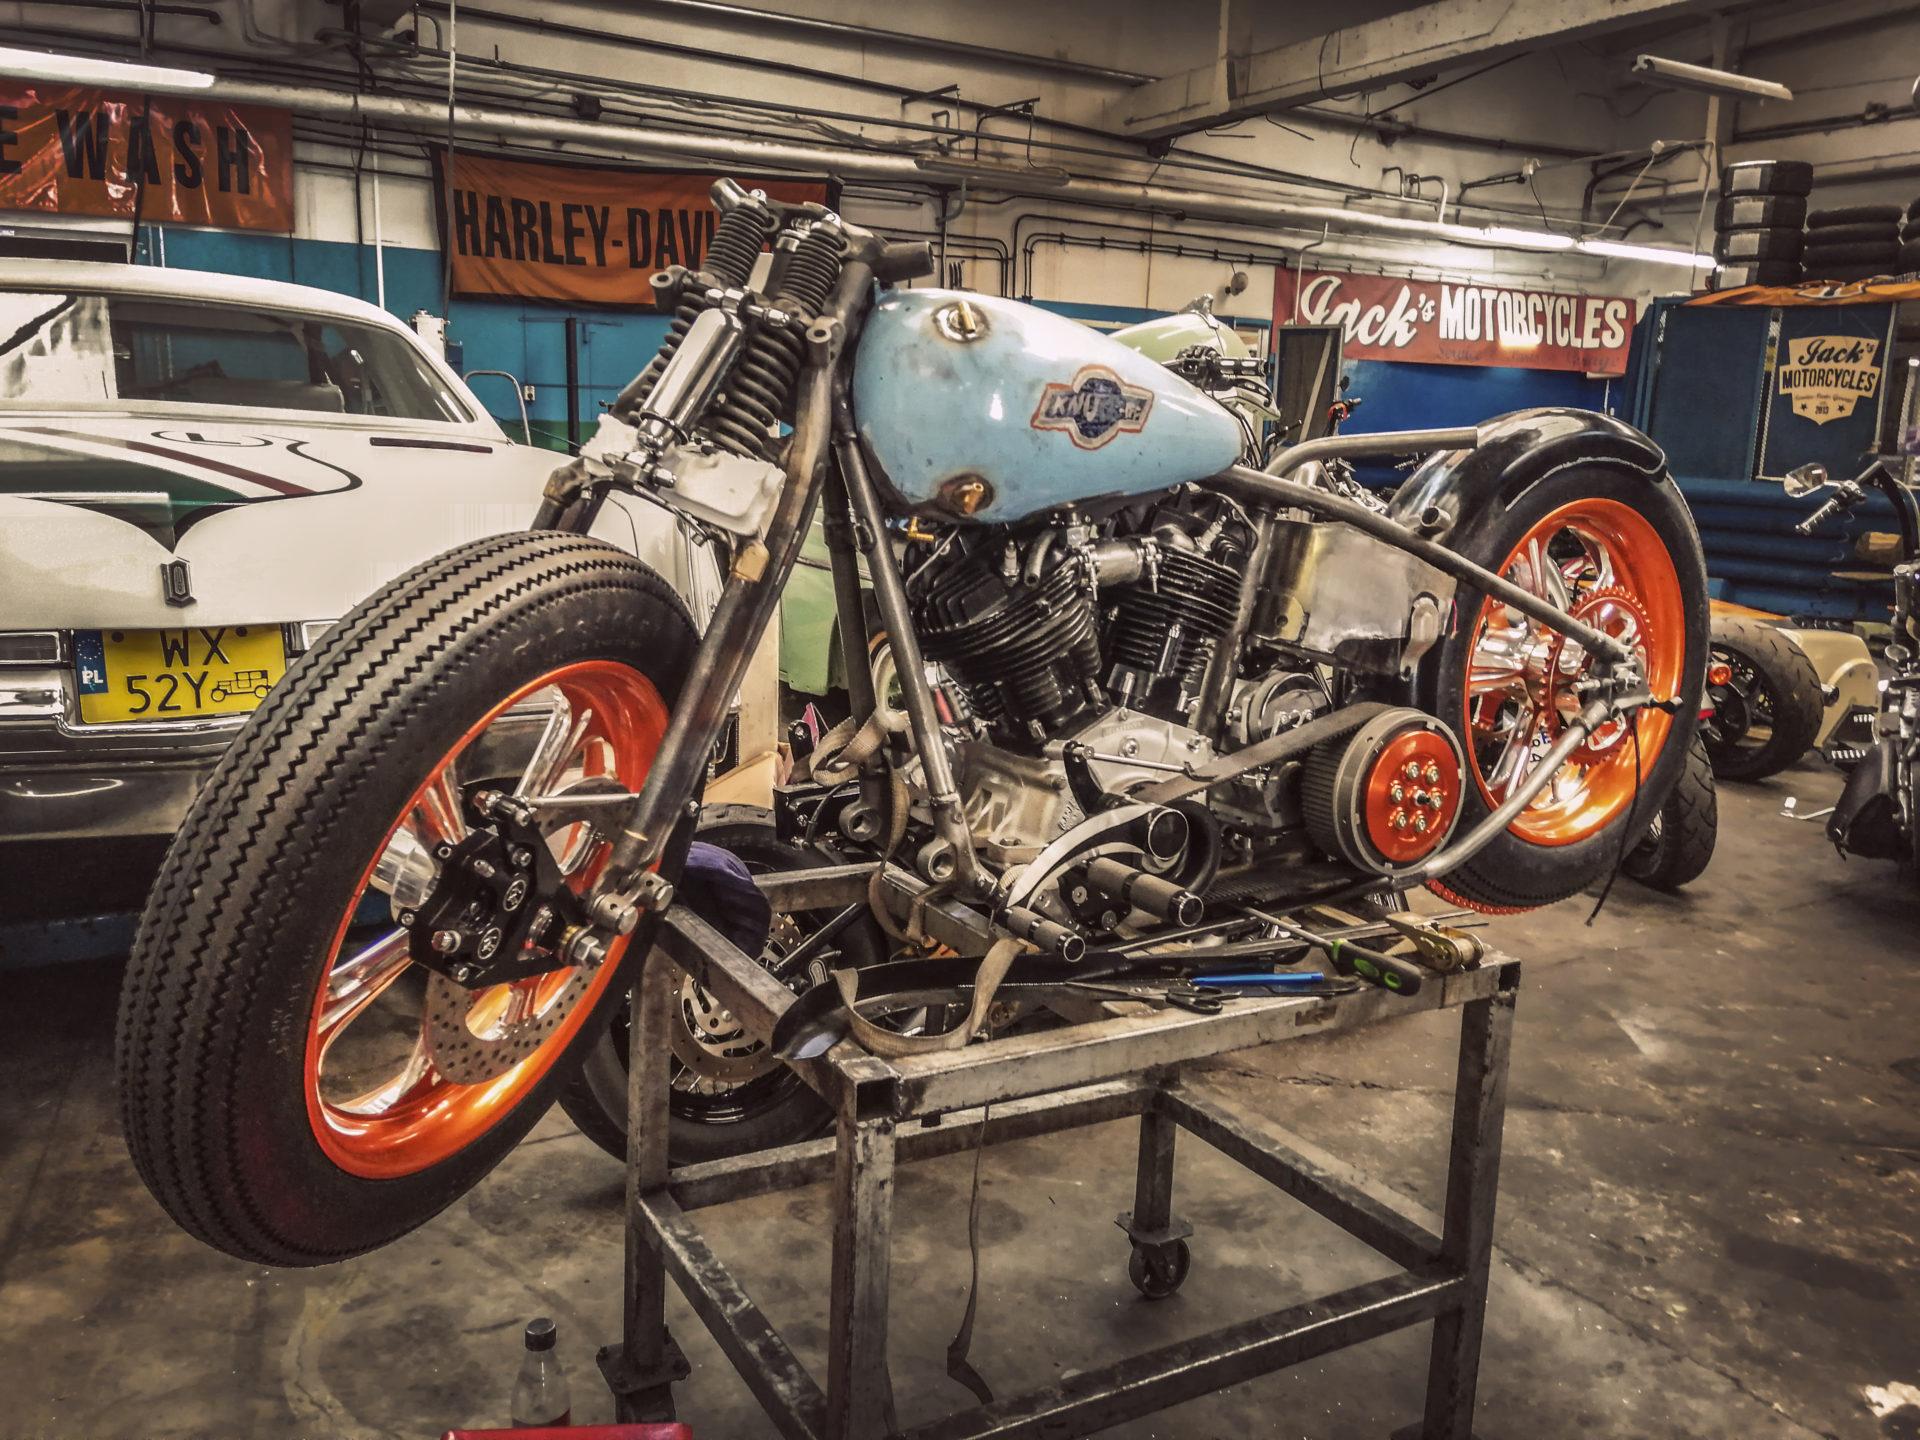 Jack's motorcycle - najlepszy serwis Harley - Davidsona w Warszawie